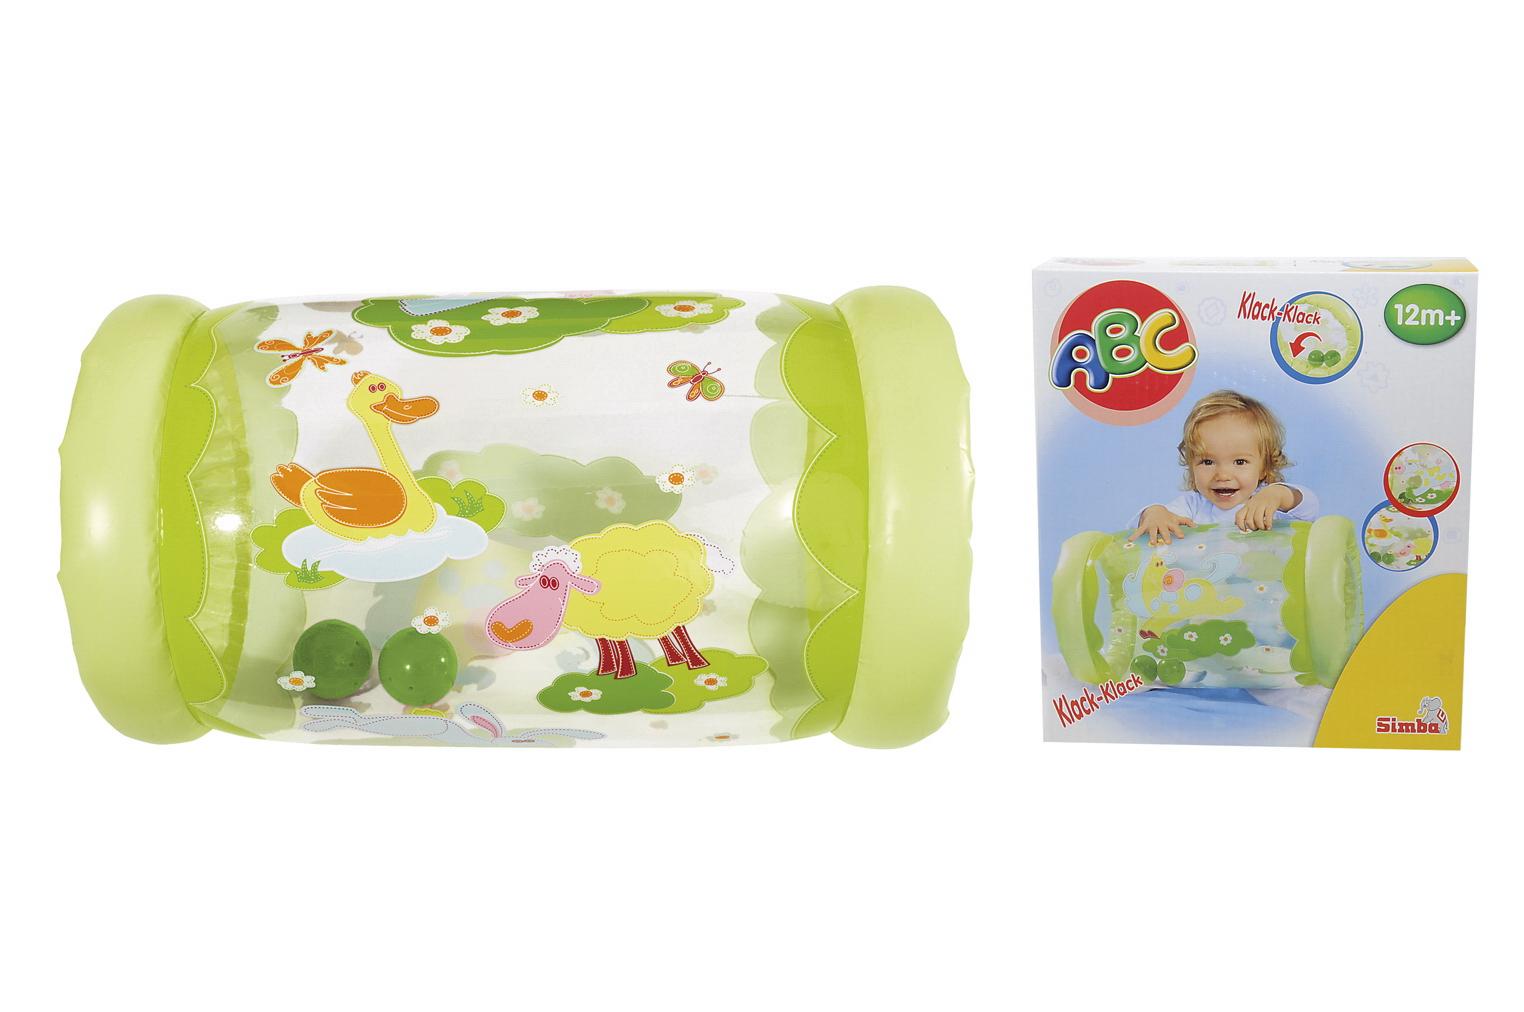 Надувной ролл, 42 х 23 смРазвивающие игрушки Simba Baby<br>Надувной ролл, 42 х 23 см<br>